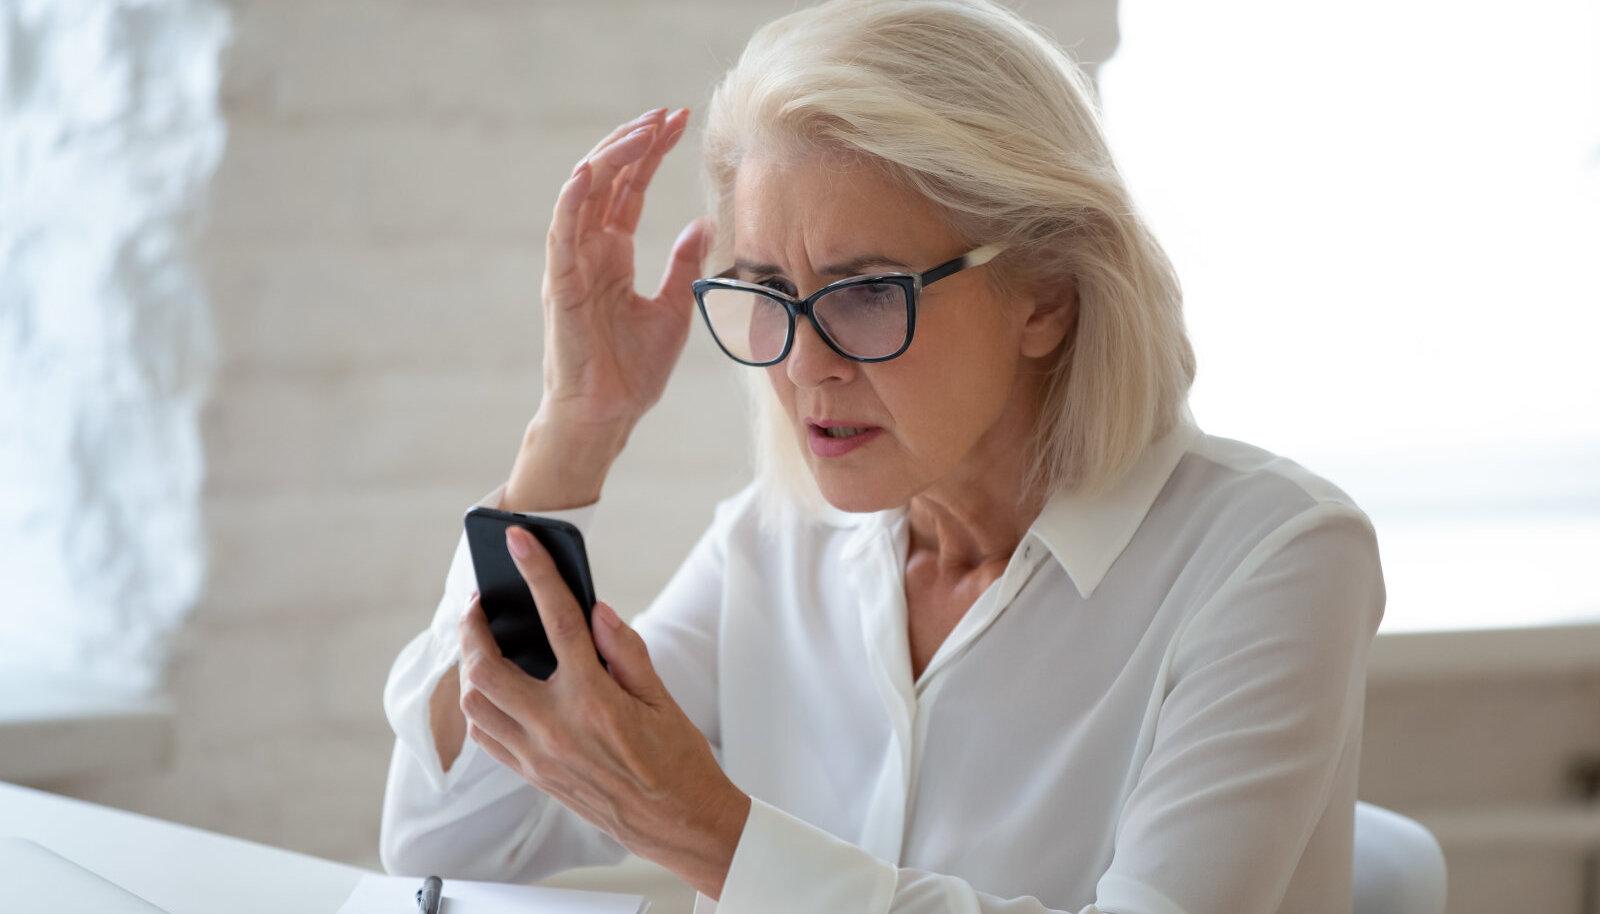 Kui teade tuleb e-maili teel, siis tuleb kahtluse korral kindlasti jälgida, et domeeni lõpp oleks EE